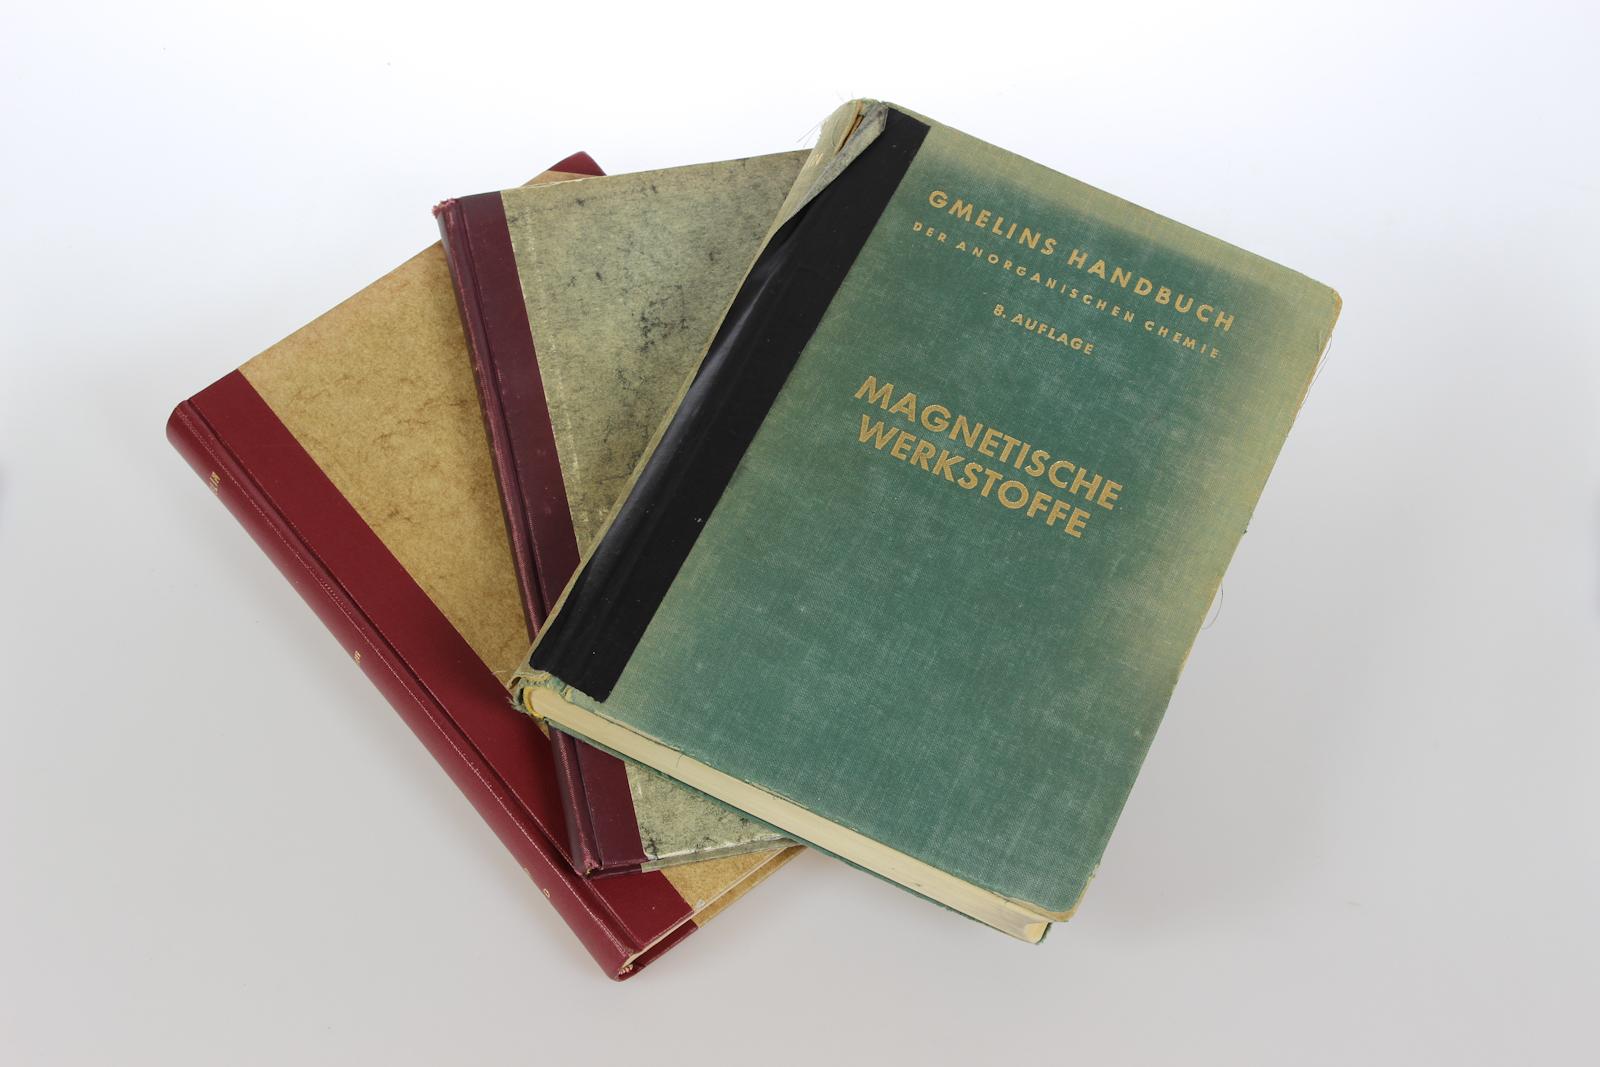 Gmelin Handbuch der Anorganischen Chemie. System Nummer 59: Eisen. Teil D + Erg.Bd 1+2.: Magnetische und elektrische Eigenschaften der legierten Werkstoffe. [3 Bde]. 8. völlig neu bearb. Aufl.